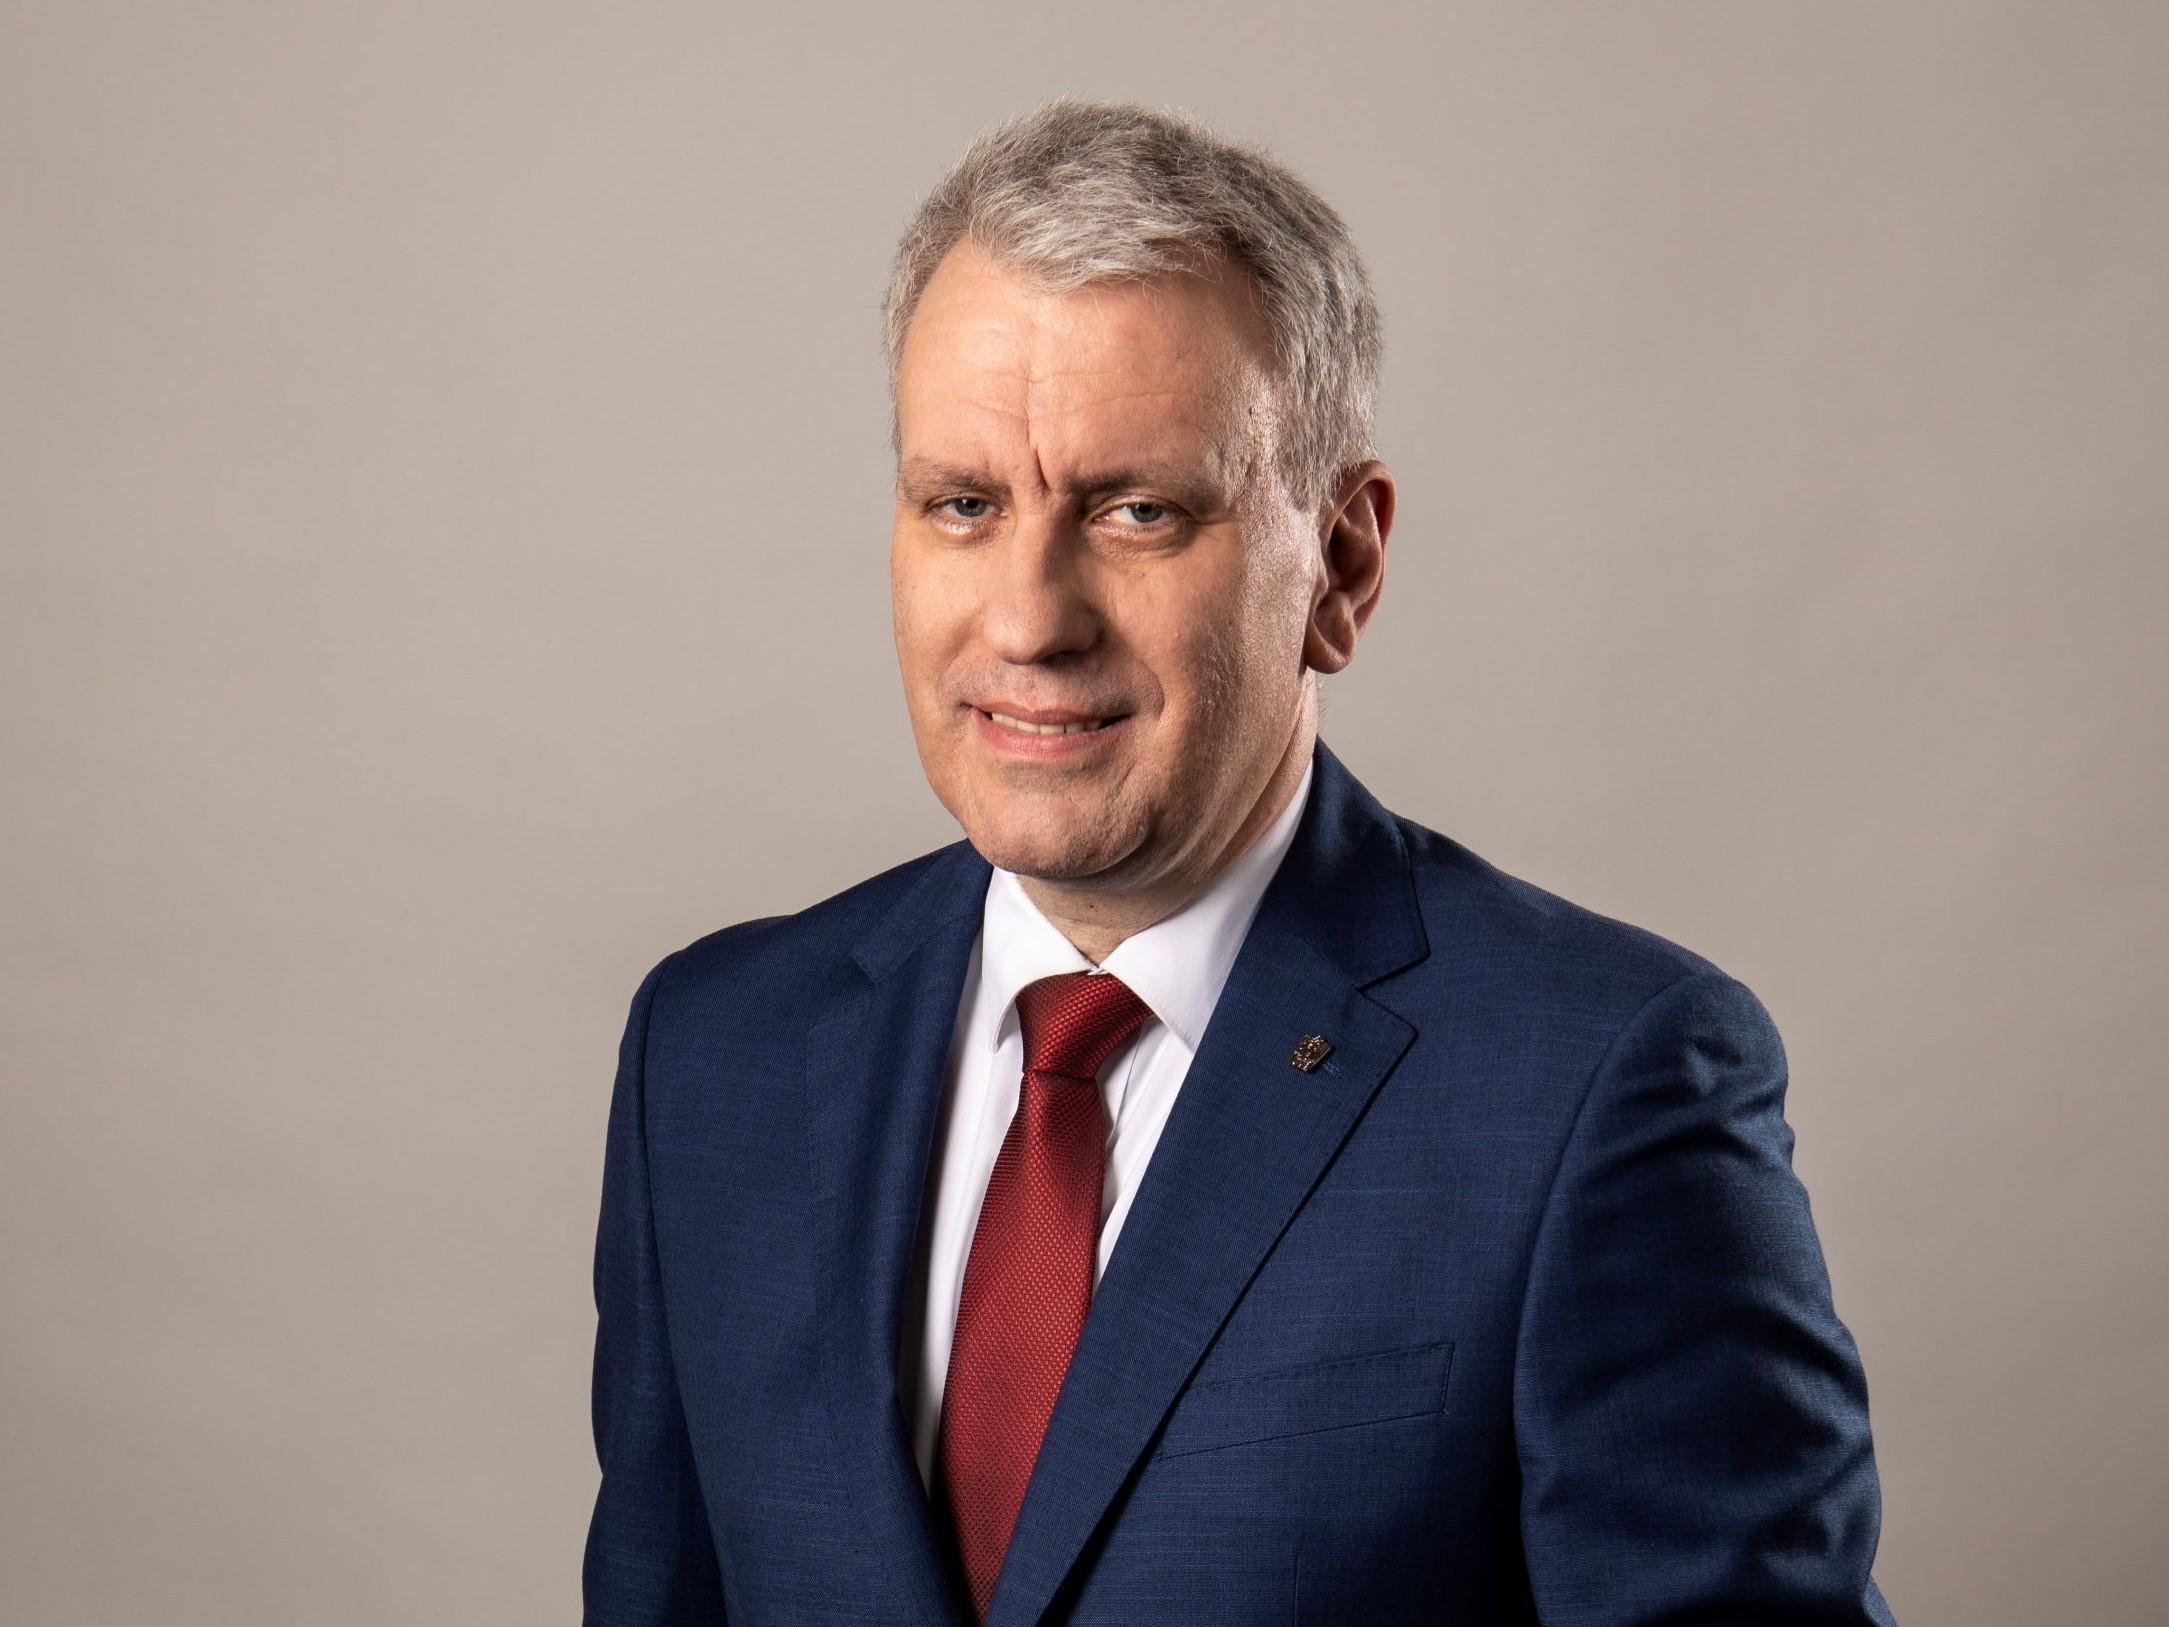 Petr Fikar